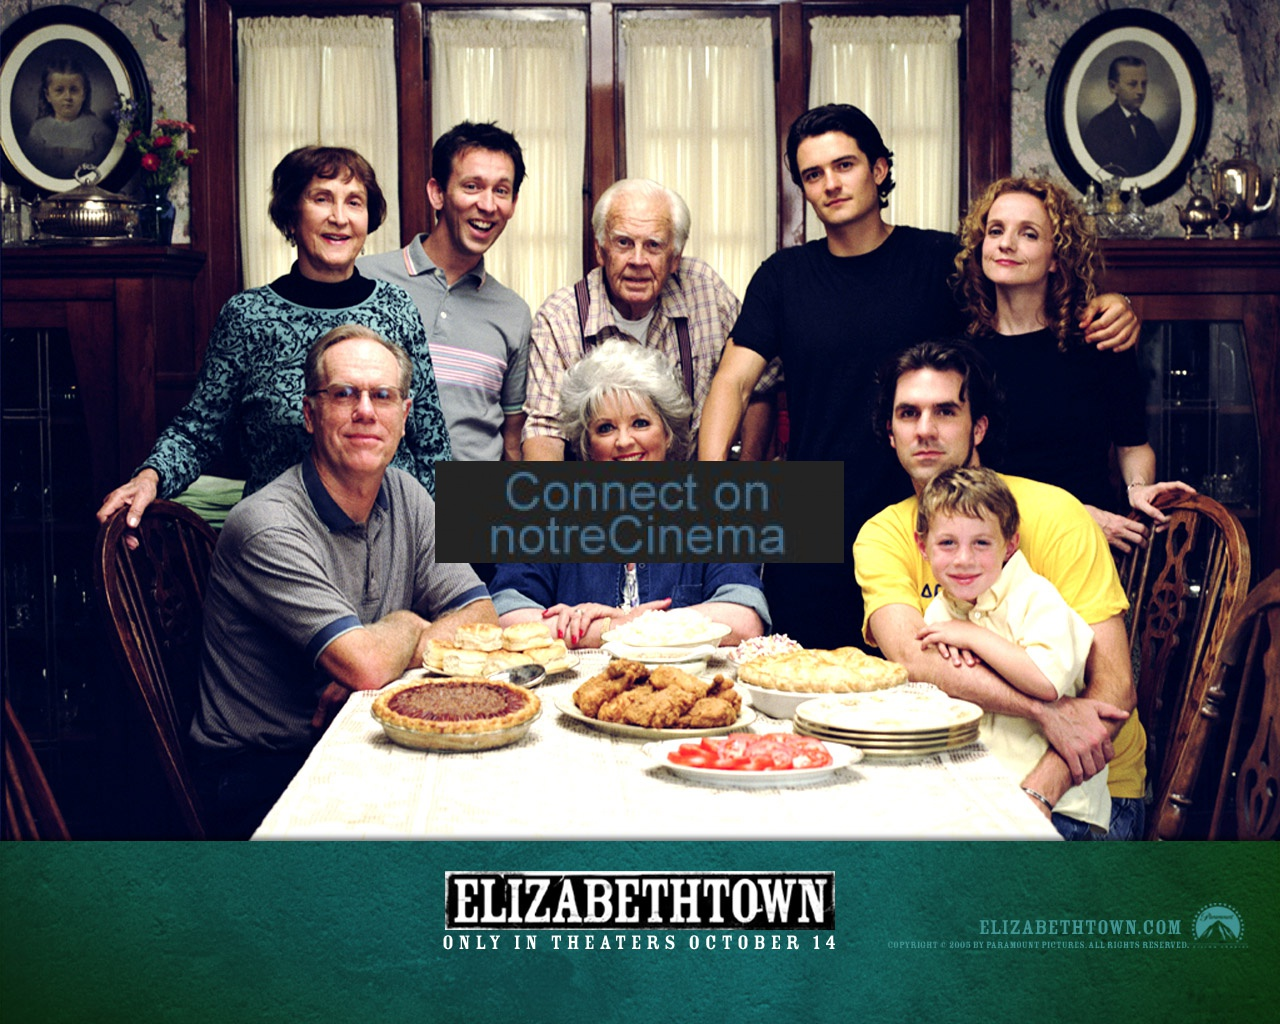 rencontres à elizabethtown en ligne